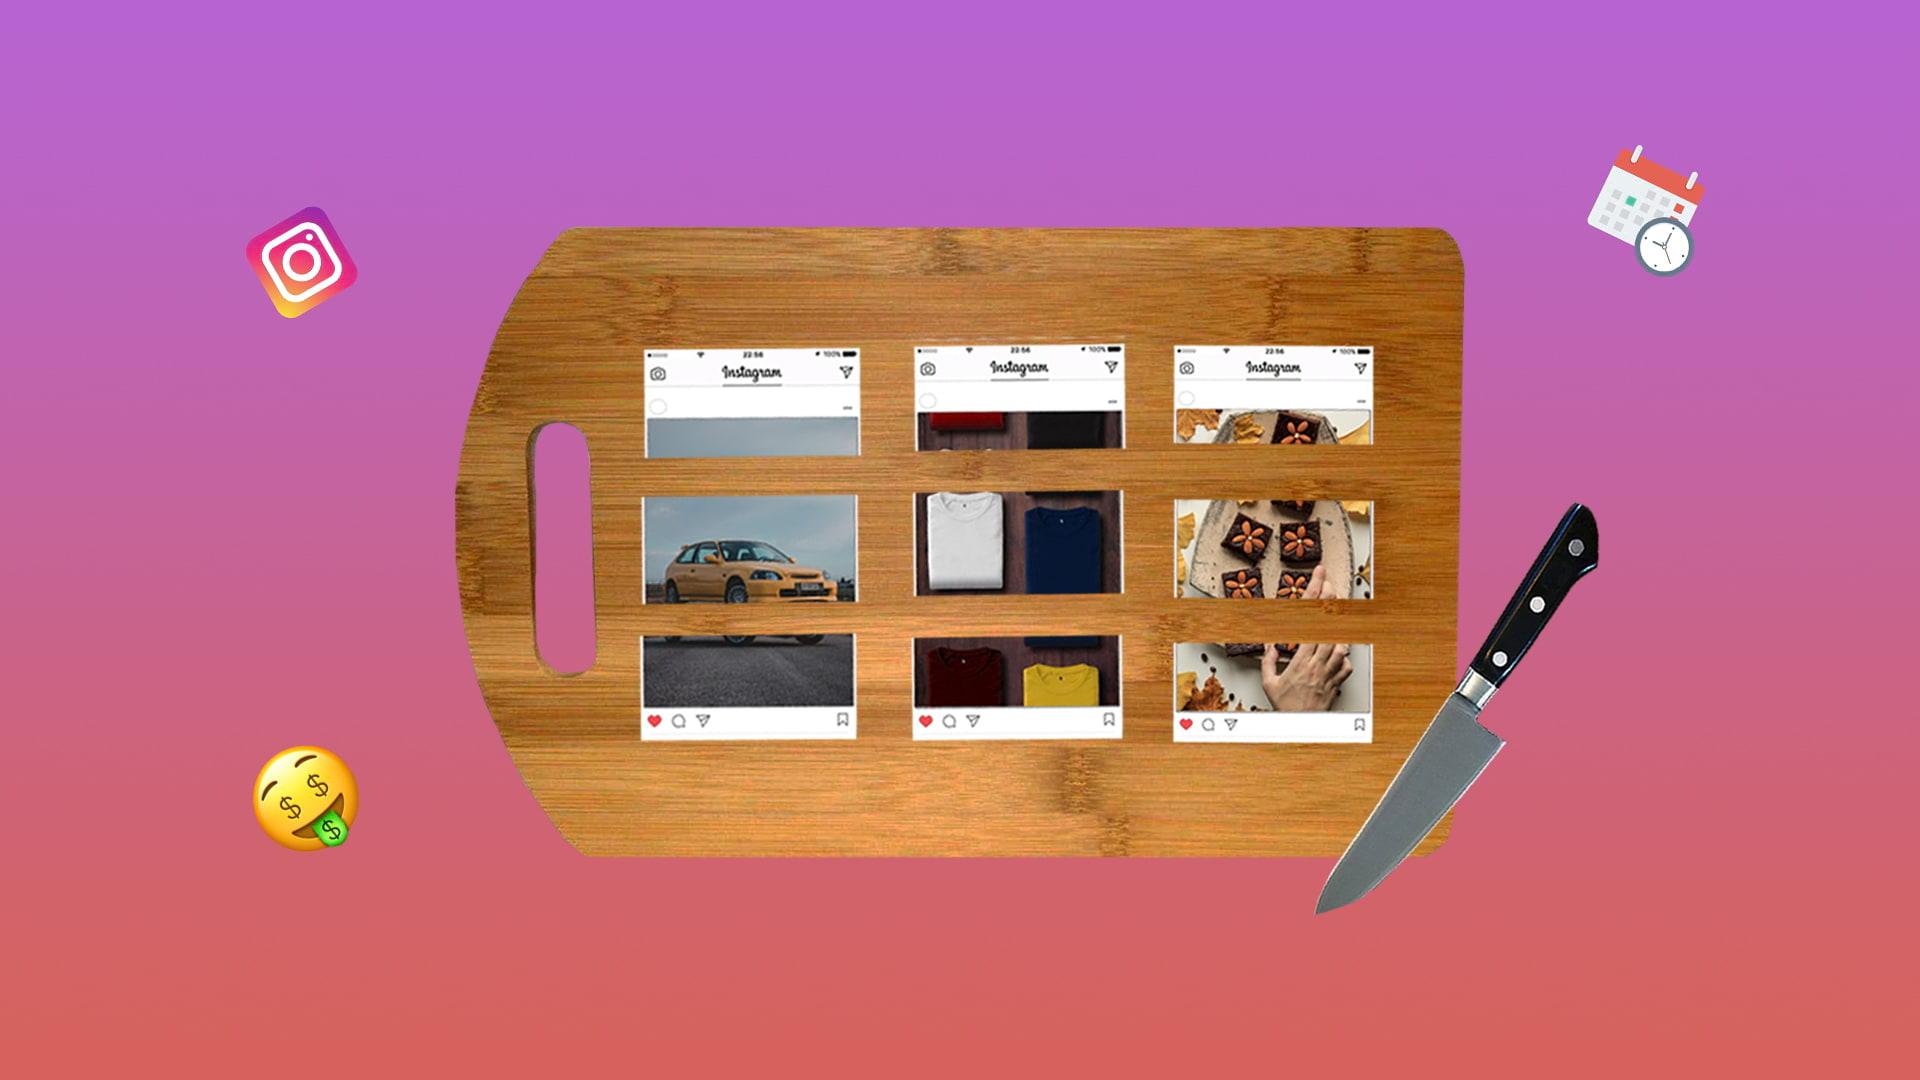 Как тратить меньше на размещения у инстаграм-блогеров с помощью флайтов